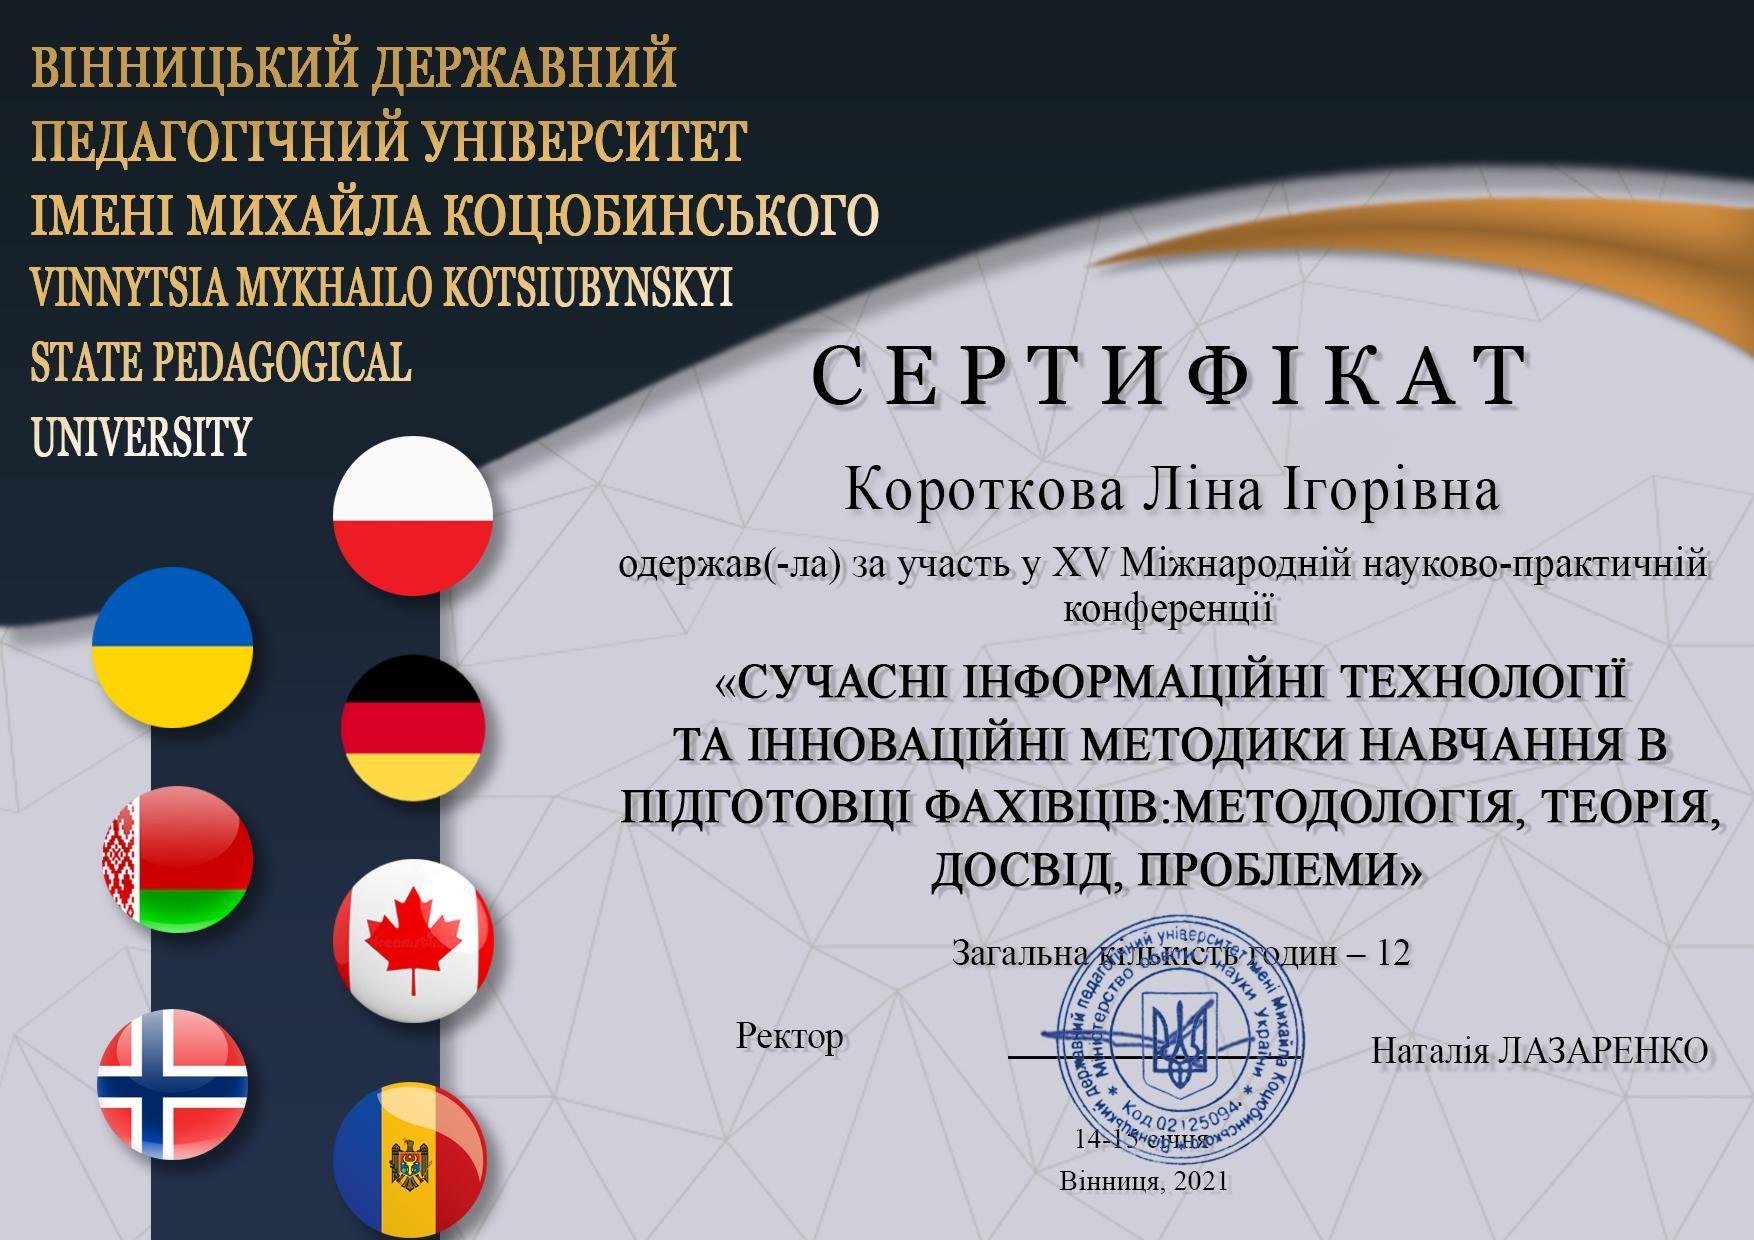 Короткова Ліна Ігорівна